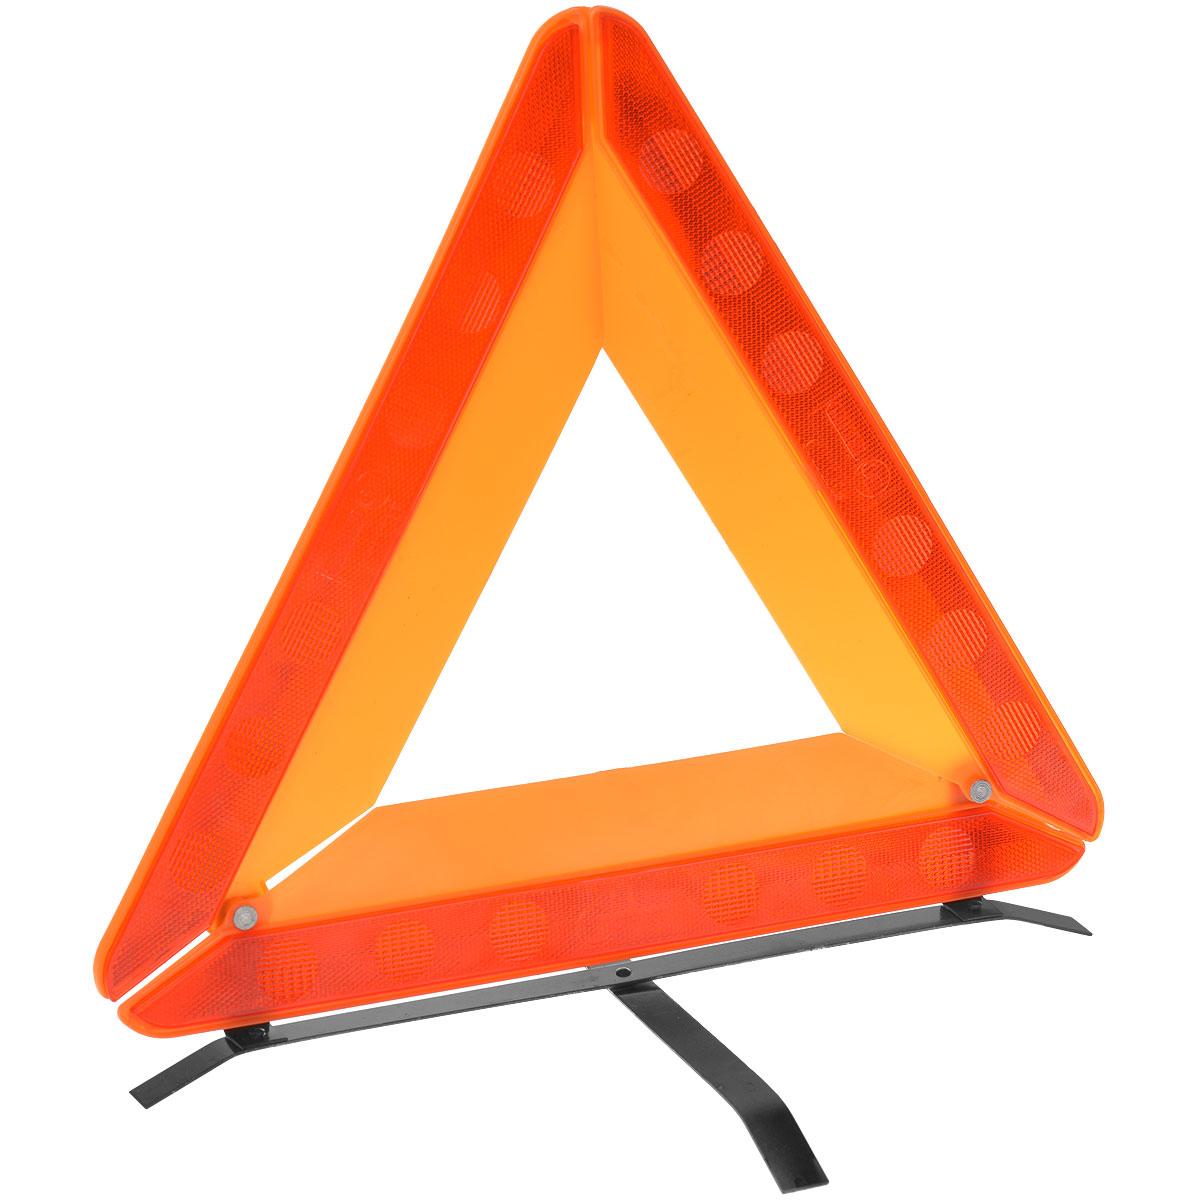 Знак аварийной остановки Phantom PH5039, с пластиковым аракаломAT-01Знак аварийной остановки Phantom PH5039 выполнен из пластика, оснащен пластиковой вставкой (аракалом). Треугольный, с отражением. Металлическое основание повышает устойчивость знака на дорожном покрытии. Соответствует ГОСТ. Компактно складывается. Для хранения предусмотрен специальный футляр.